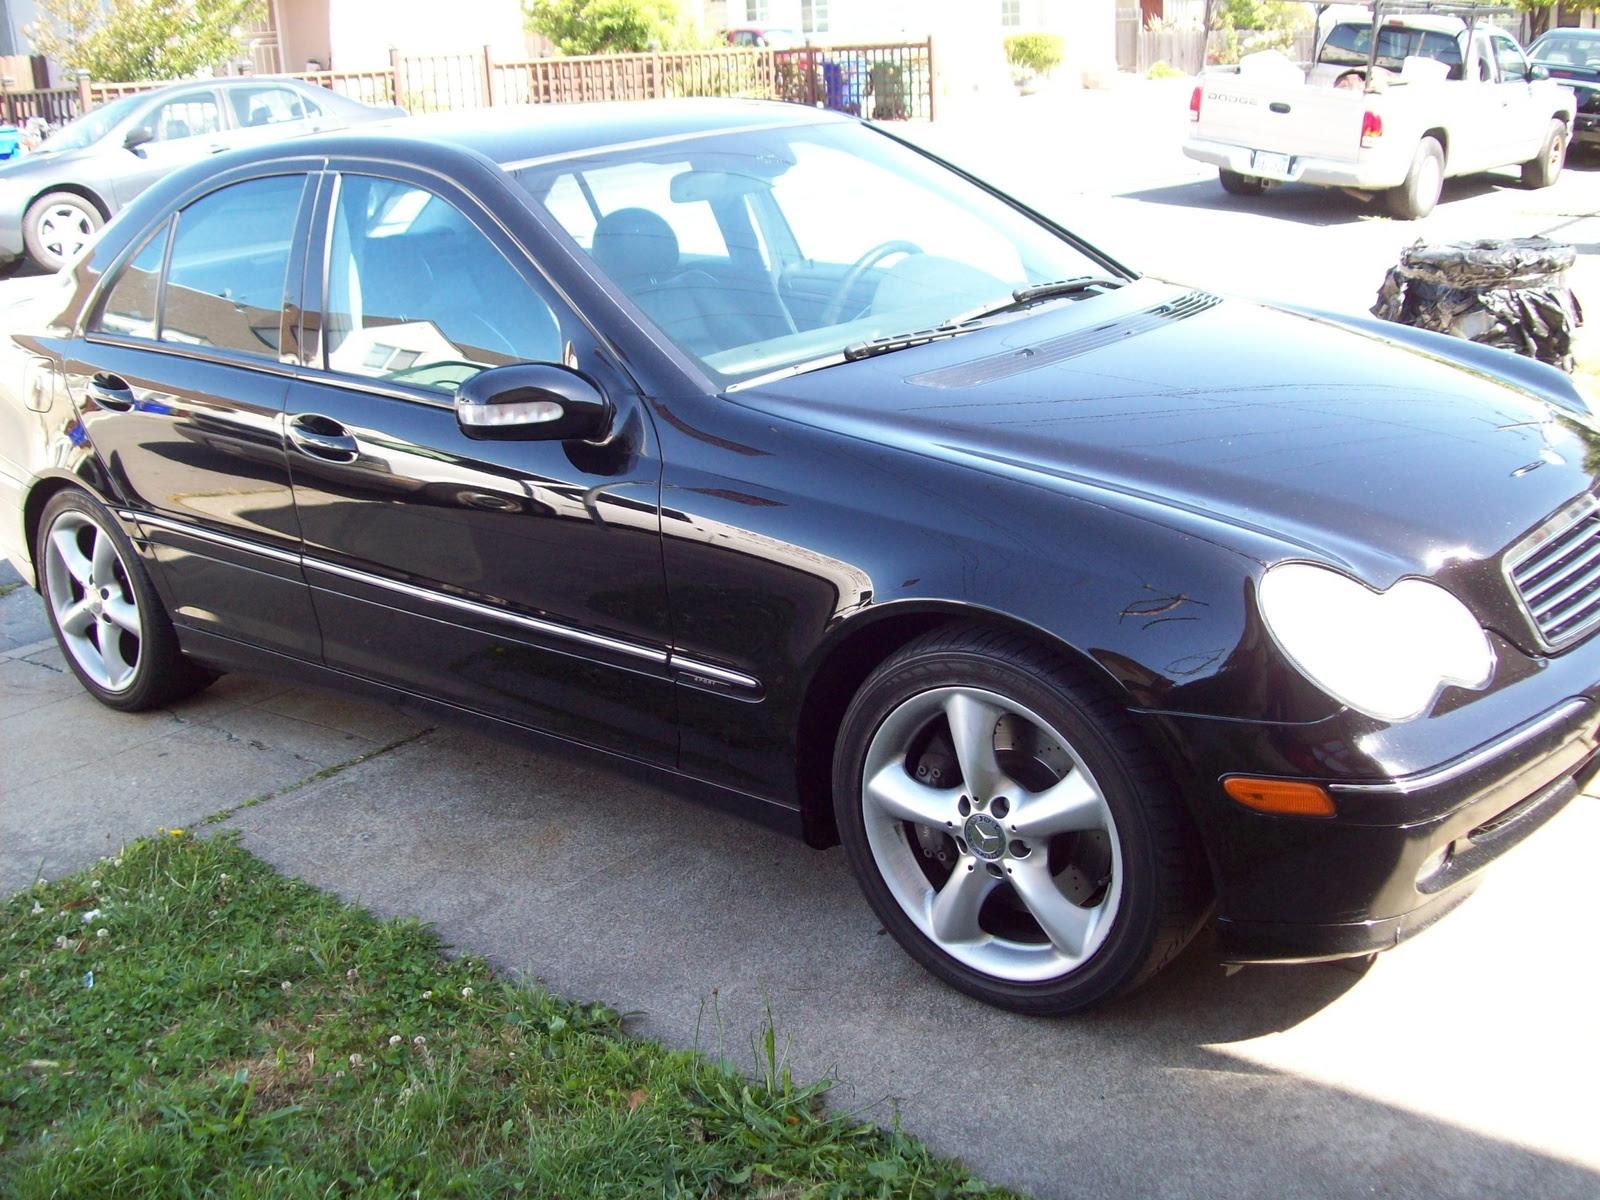 2004 Mercedes-Benz C-Class - Pictures - CarGurus